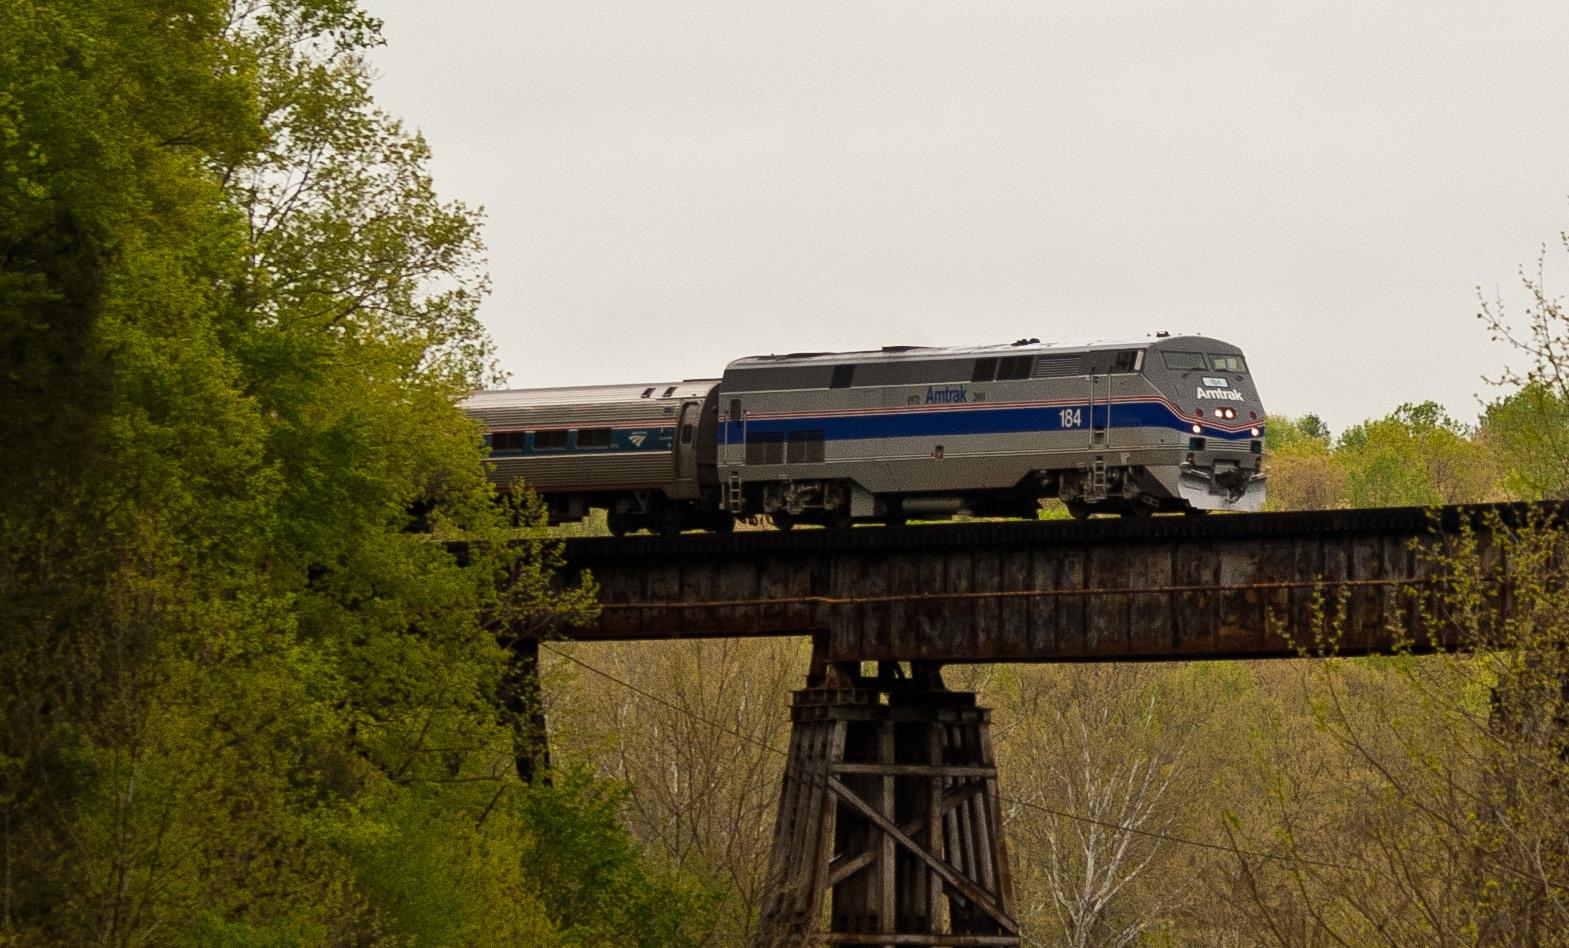 File:Amtrak Engine 184 on Northeast Regional.jpg - Wikimedia Commons